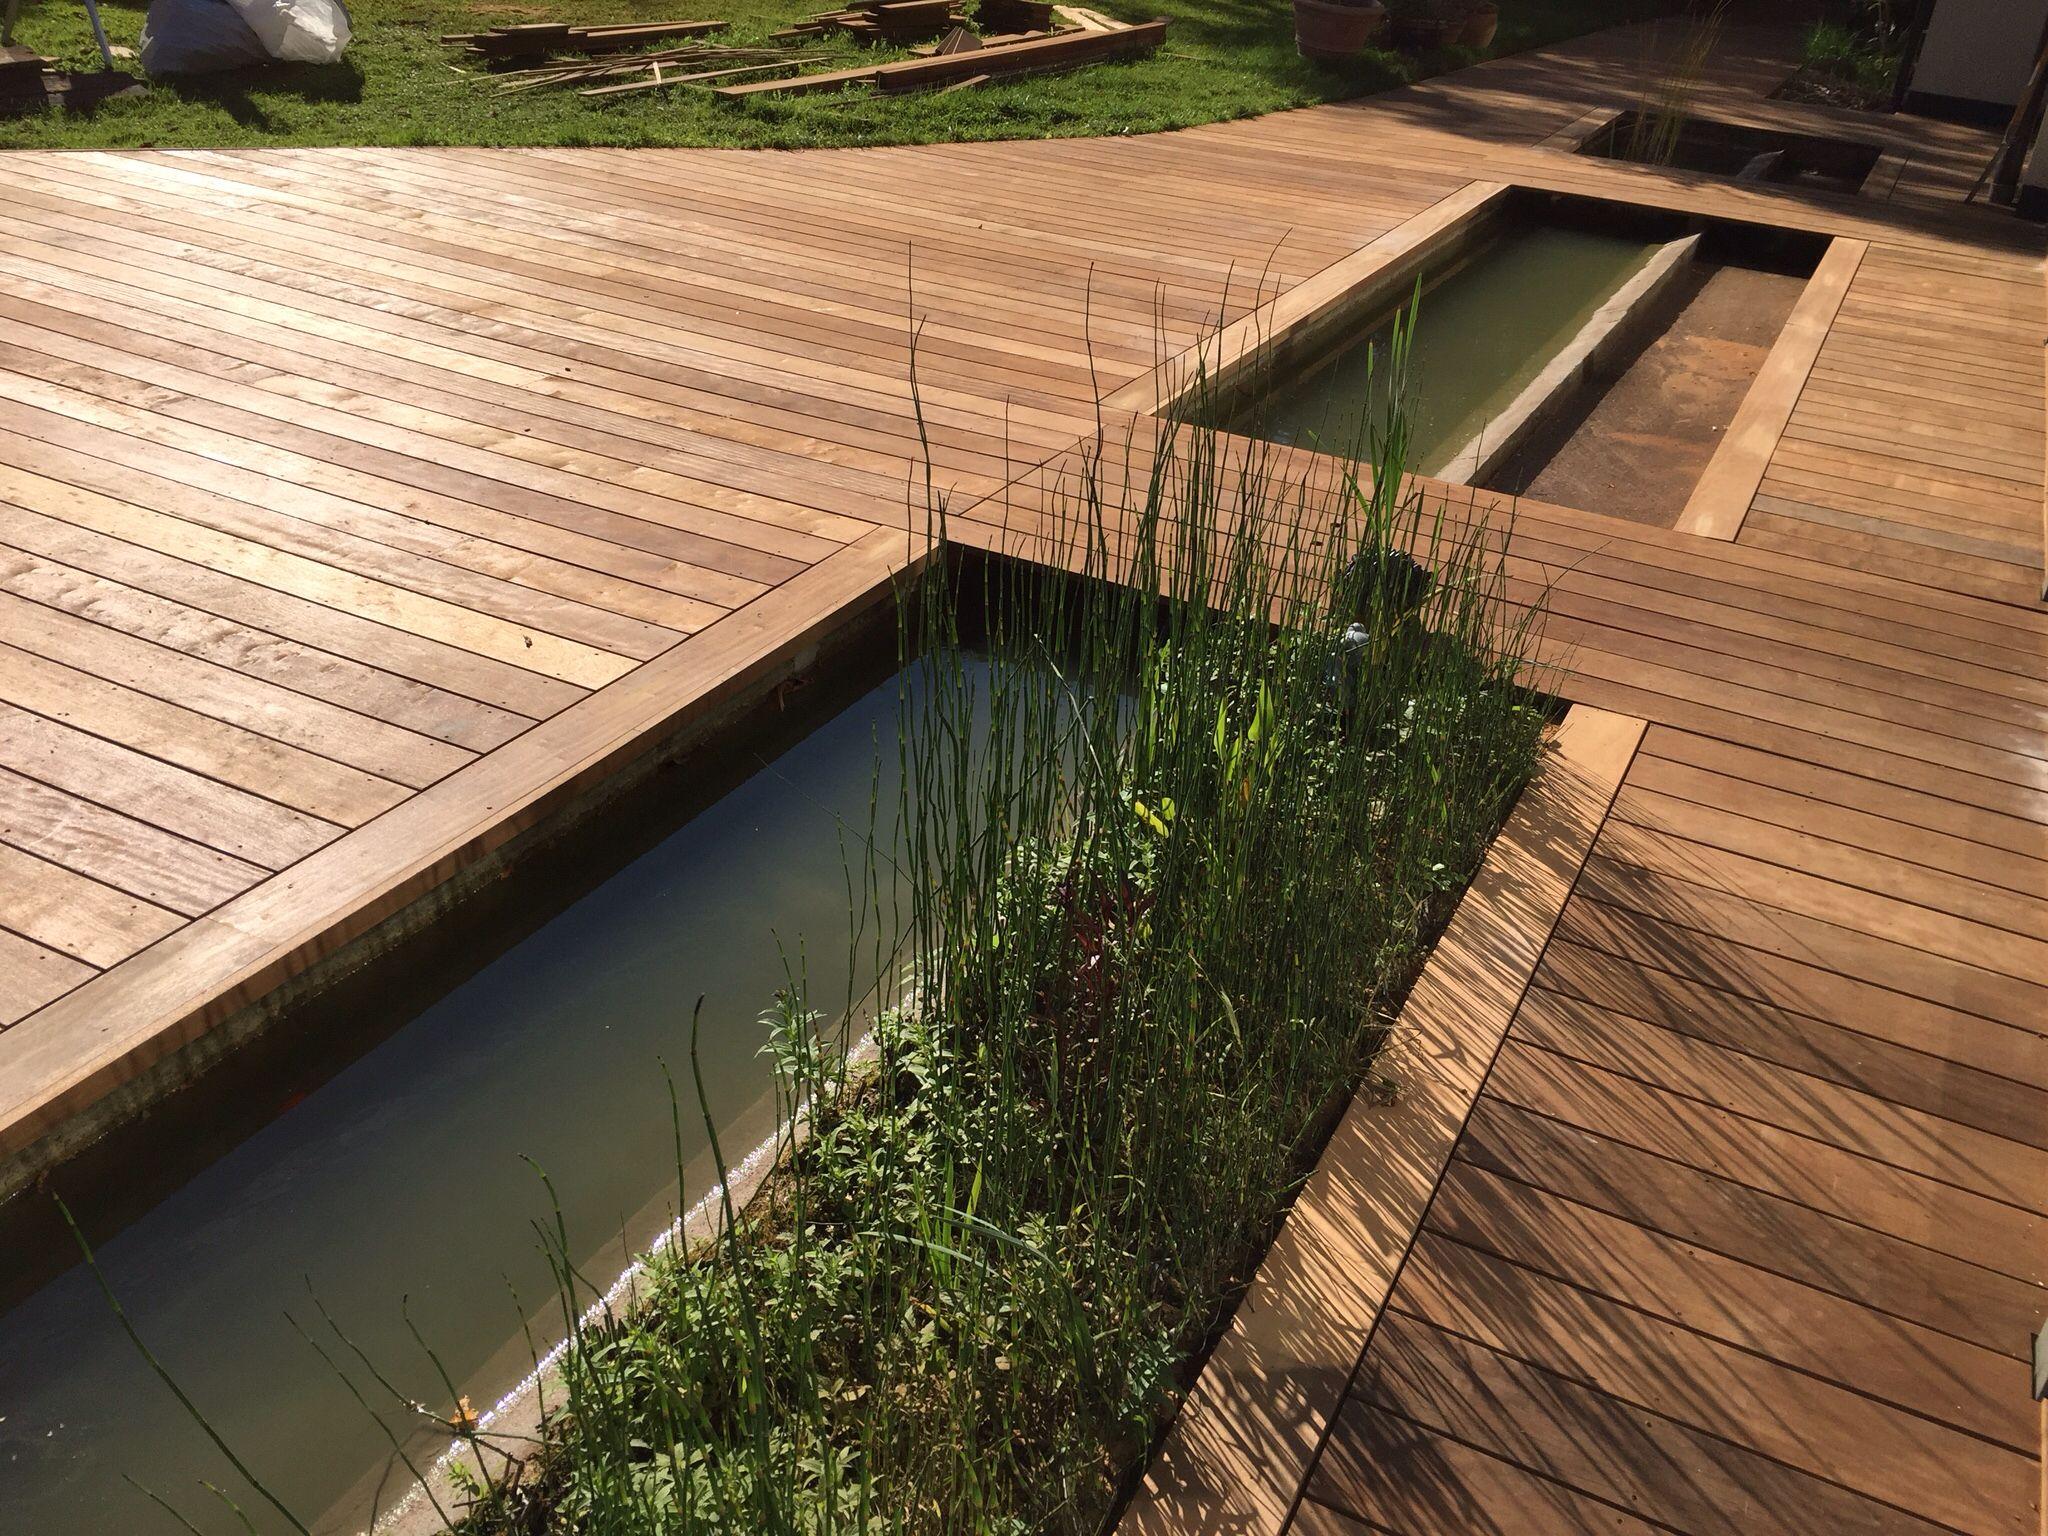 houten terras by pro houten terras pinterest houten terras terras en tuin. Black Bedroom Furniture Sets. Home Design Ideas